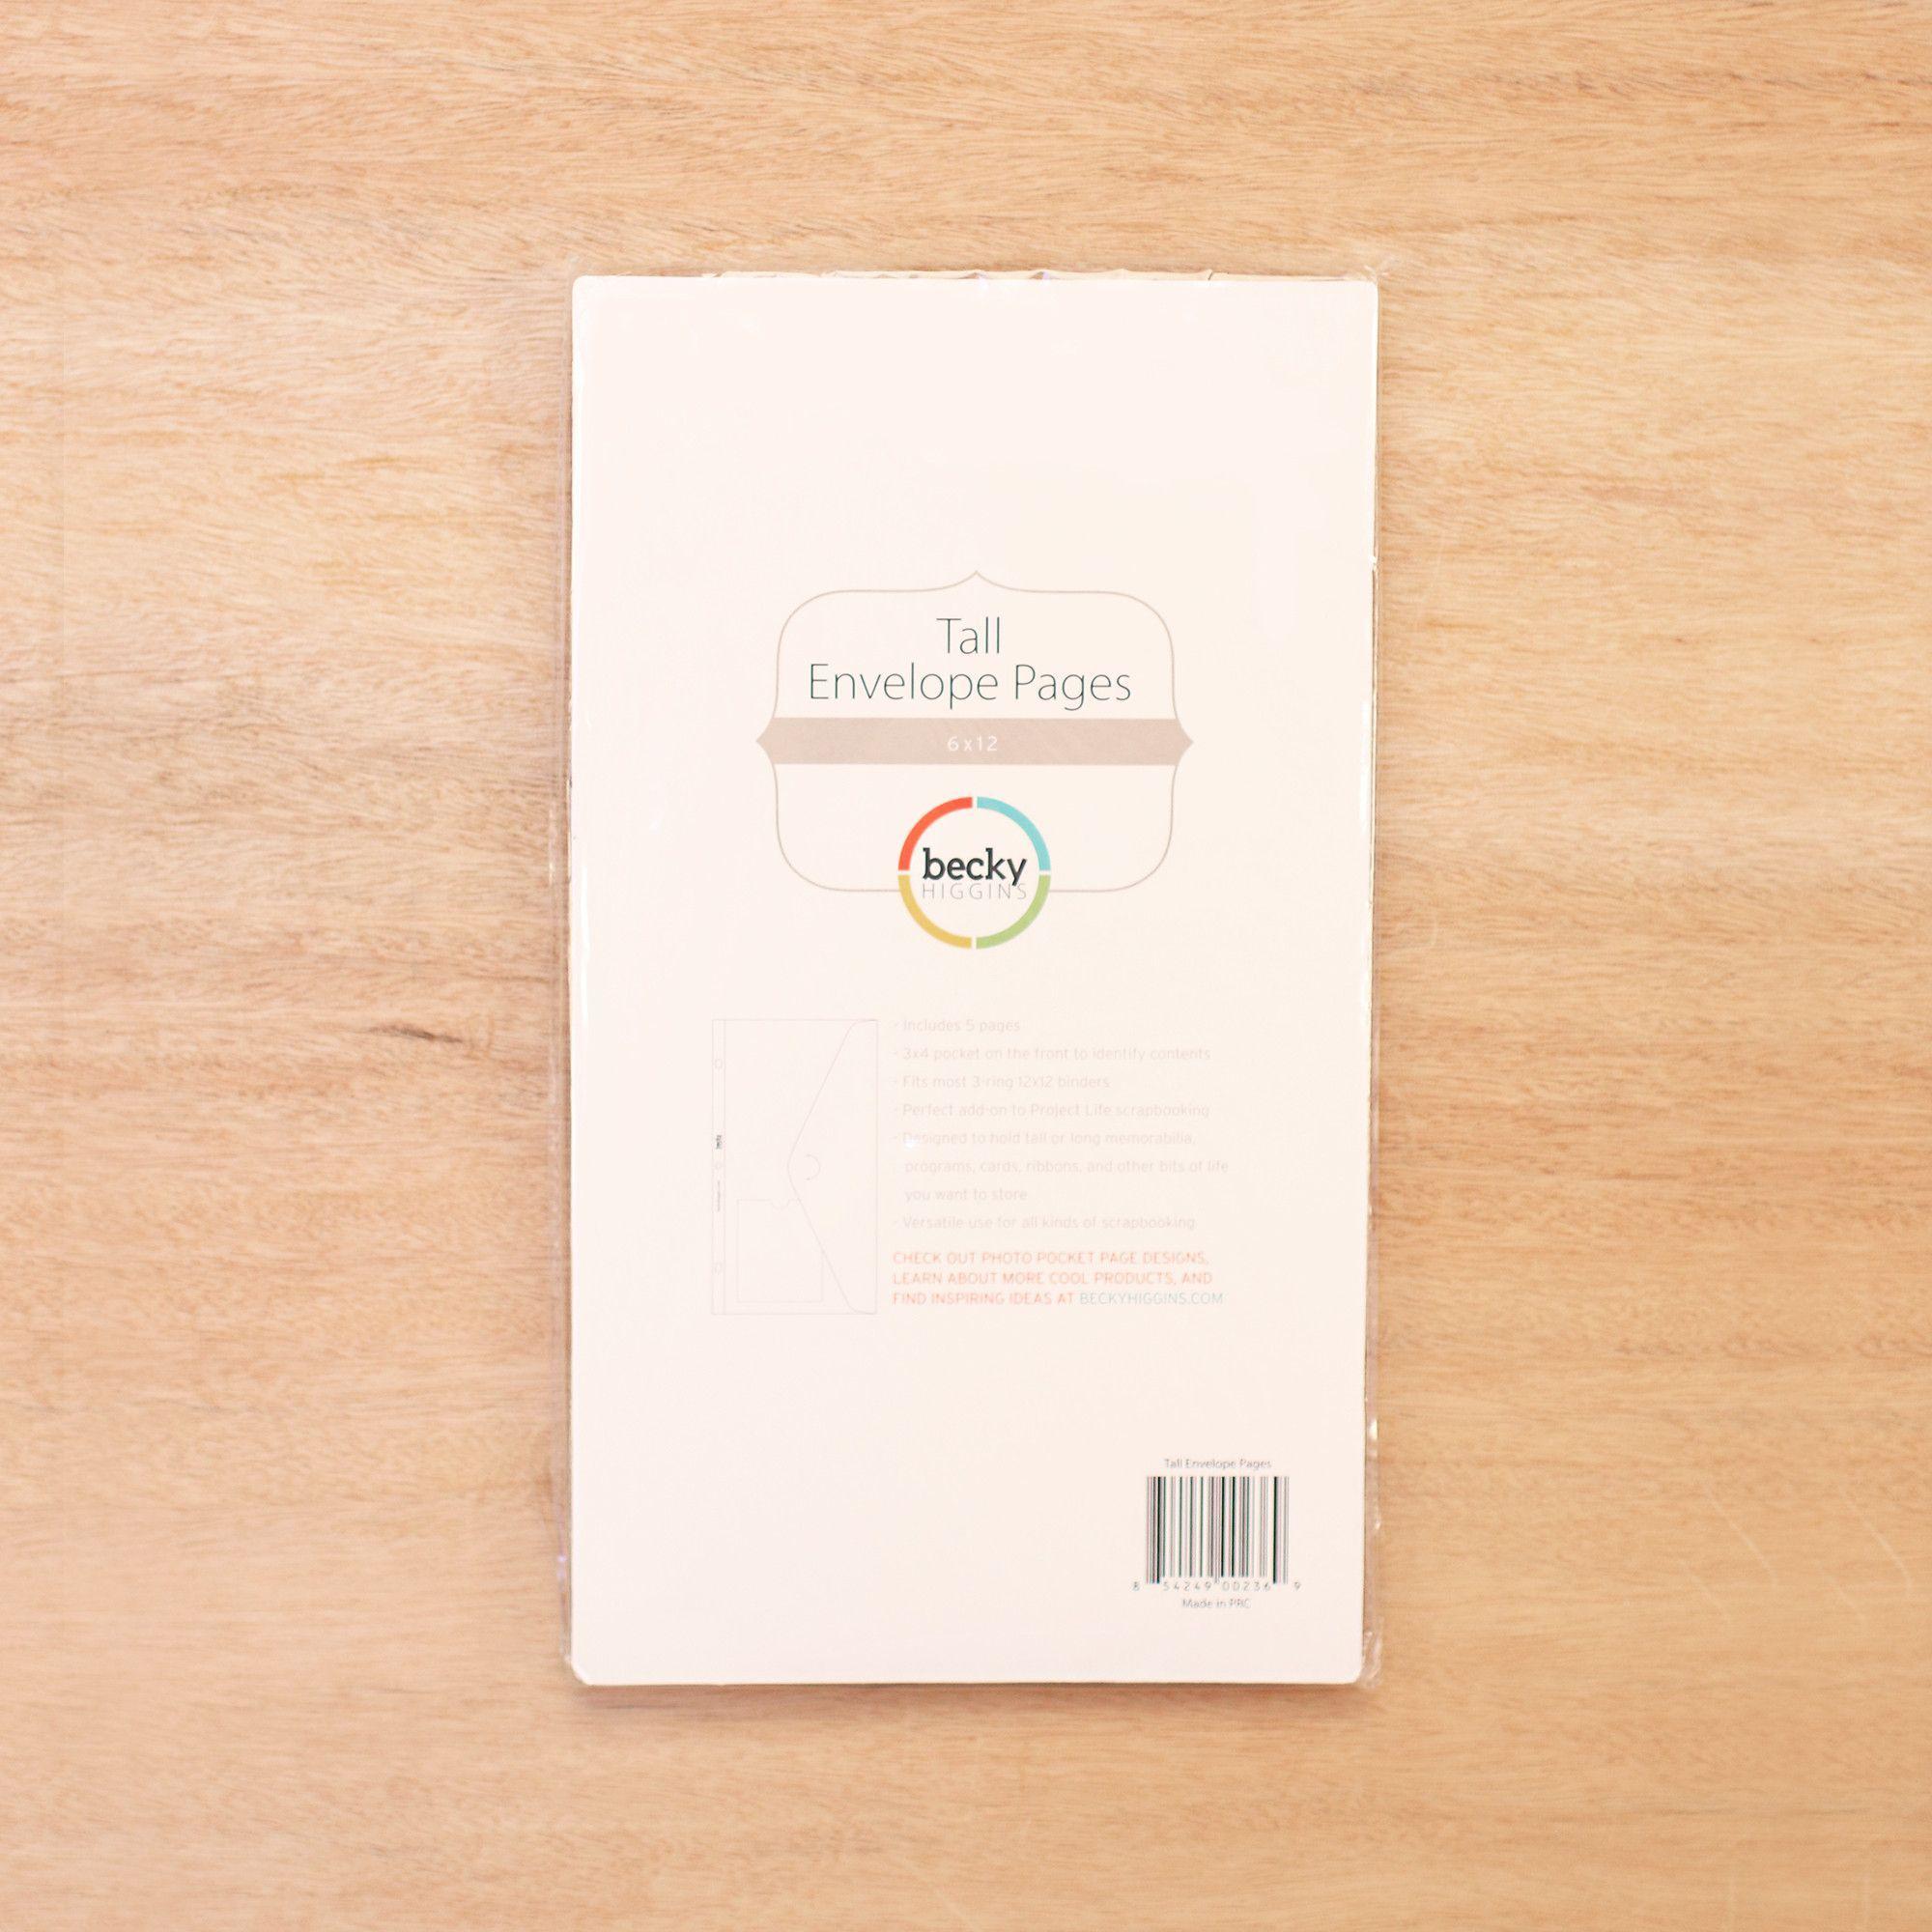 6x12 Envelope Pages Pocket scrapbooking, Envelope